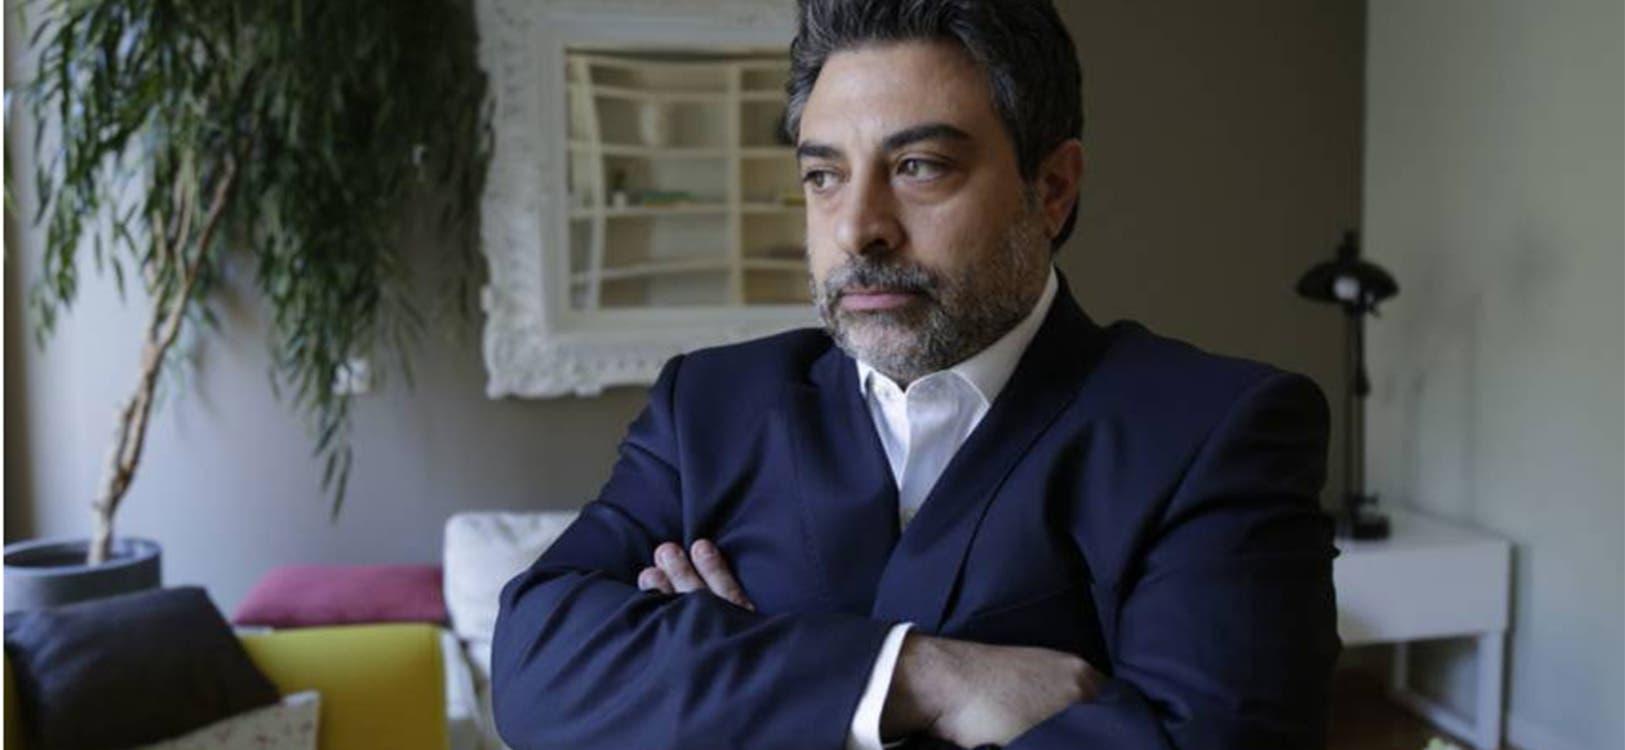 Rodrigo Tacla es un abogado hispano-brasileño que se ha radicado en España eludiendo el proceso judicial que se le inició en Brasil.